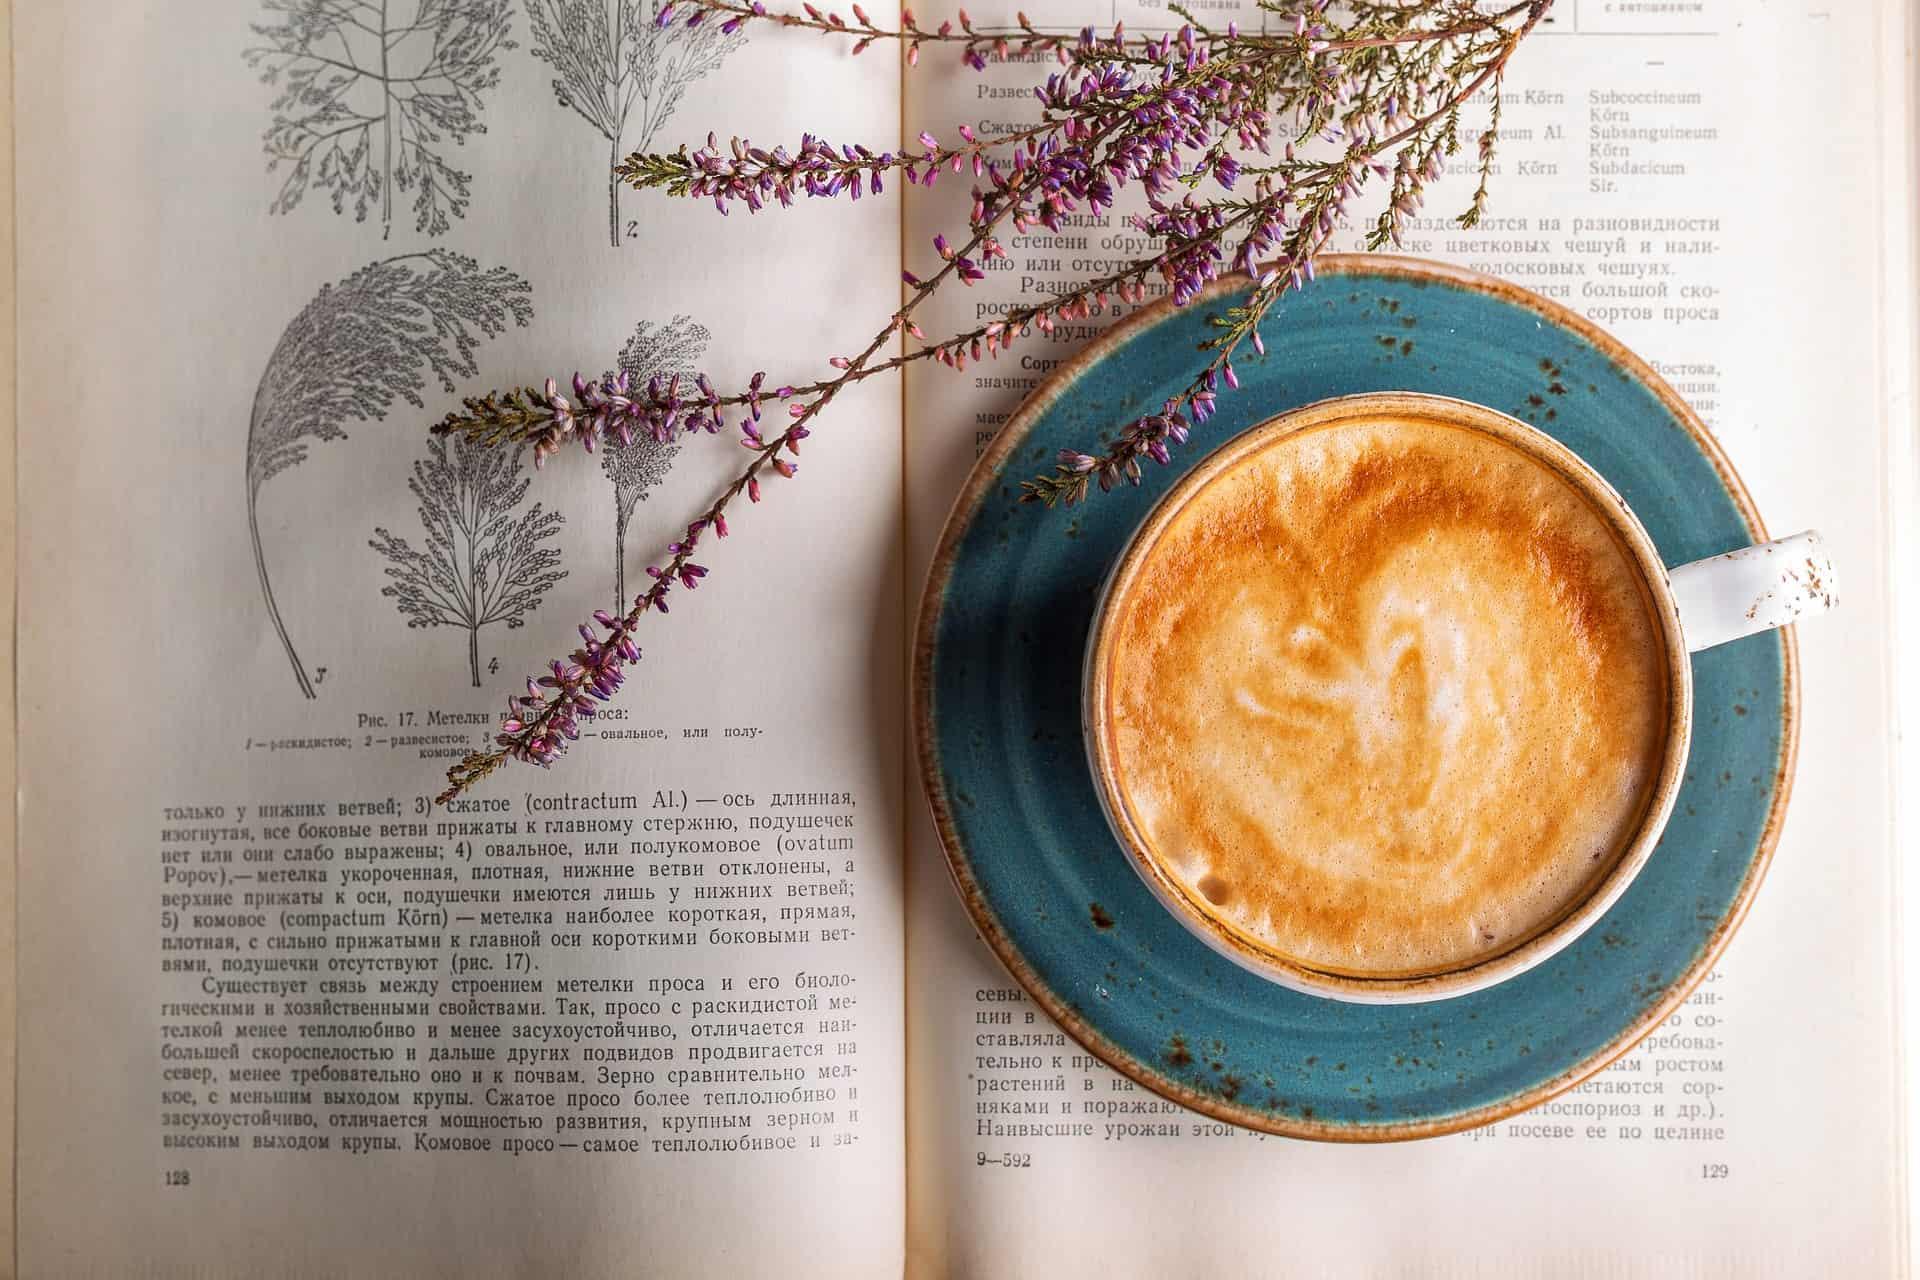 Ist Kaffee ungesund? – 10 Behauptungen und was wirklich dahinter steckt